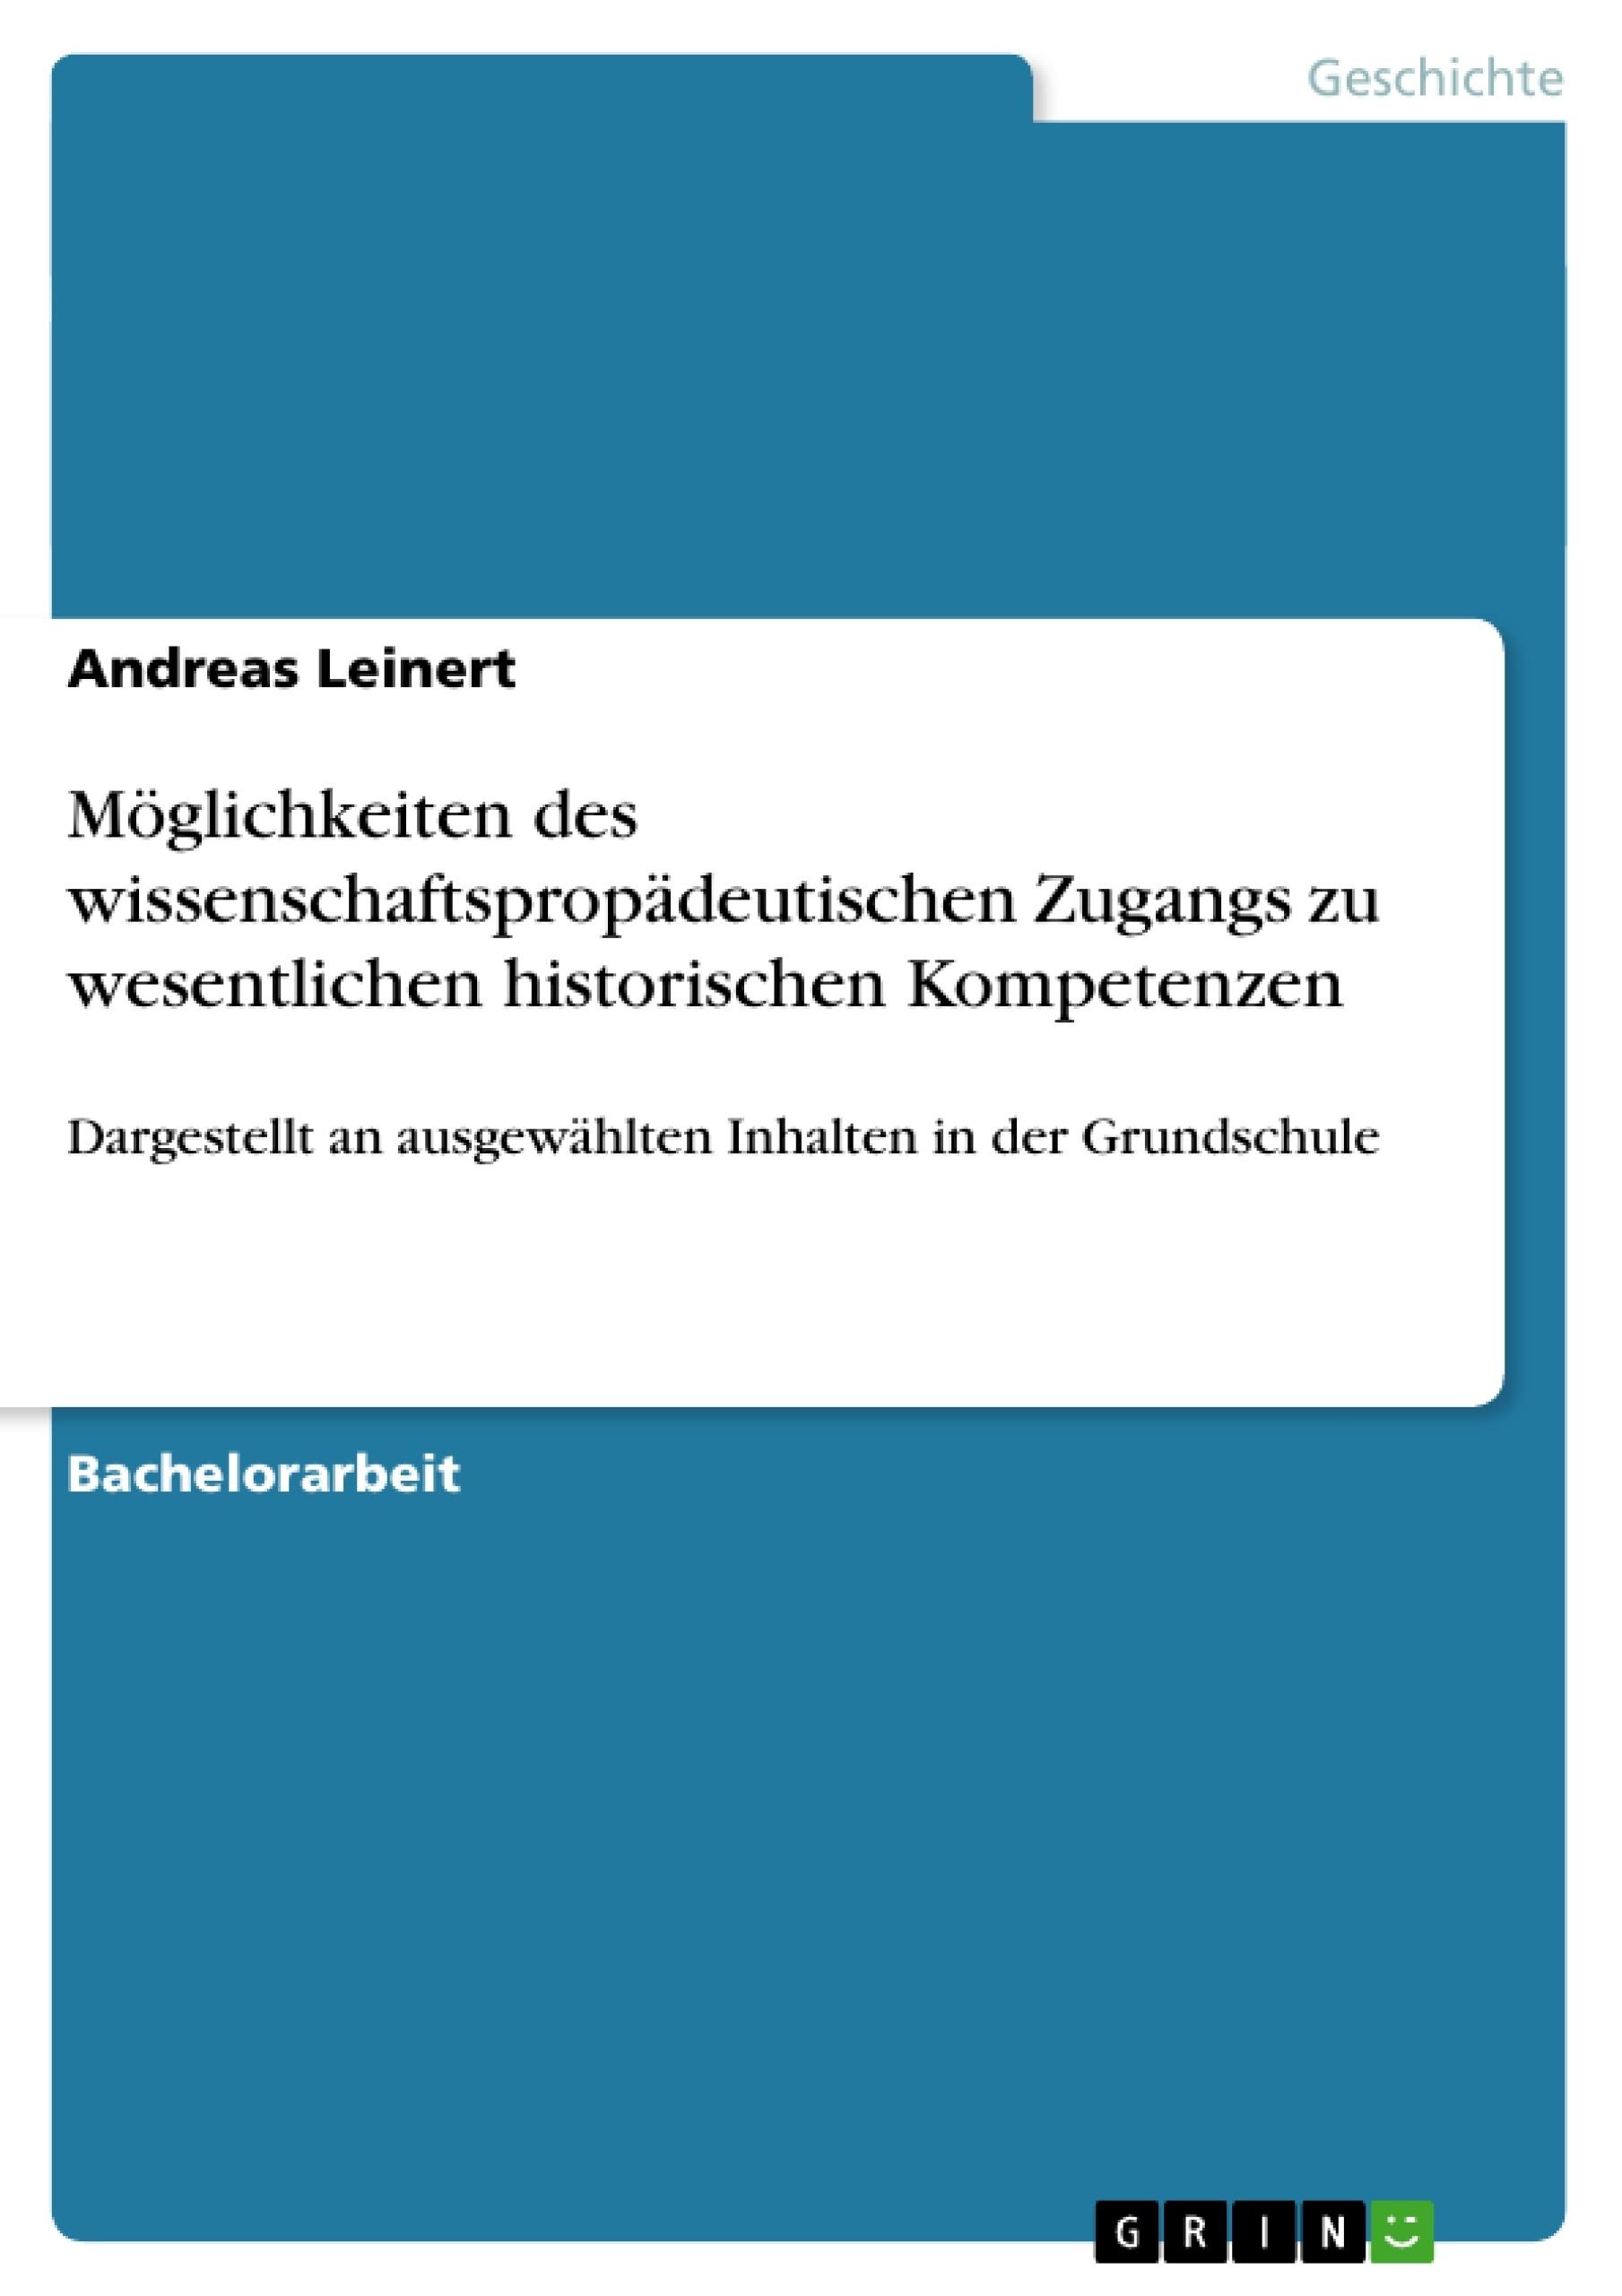 Titel: Möglichkeiten des wissenschaftspropädeutischen Zugangs zu wesentlichen historischen Kompetenzen